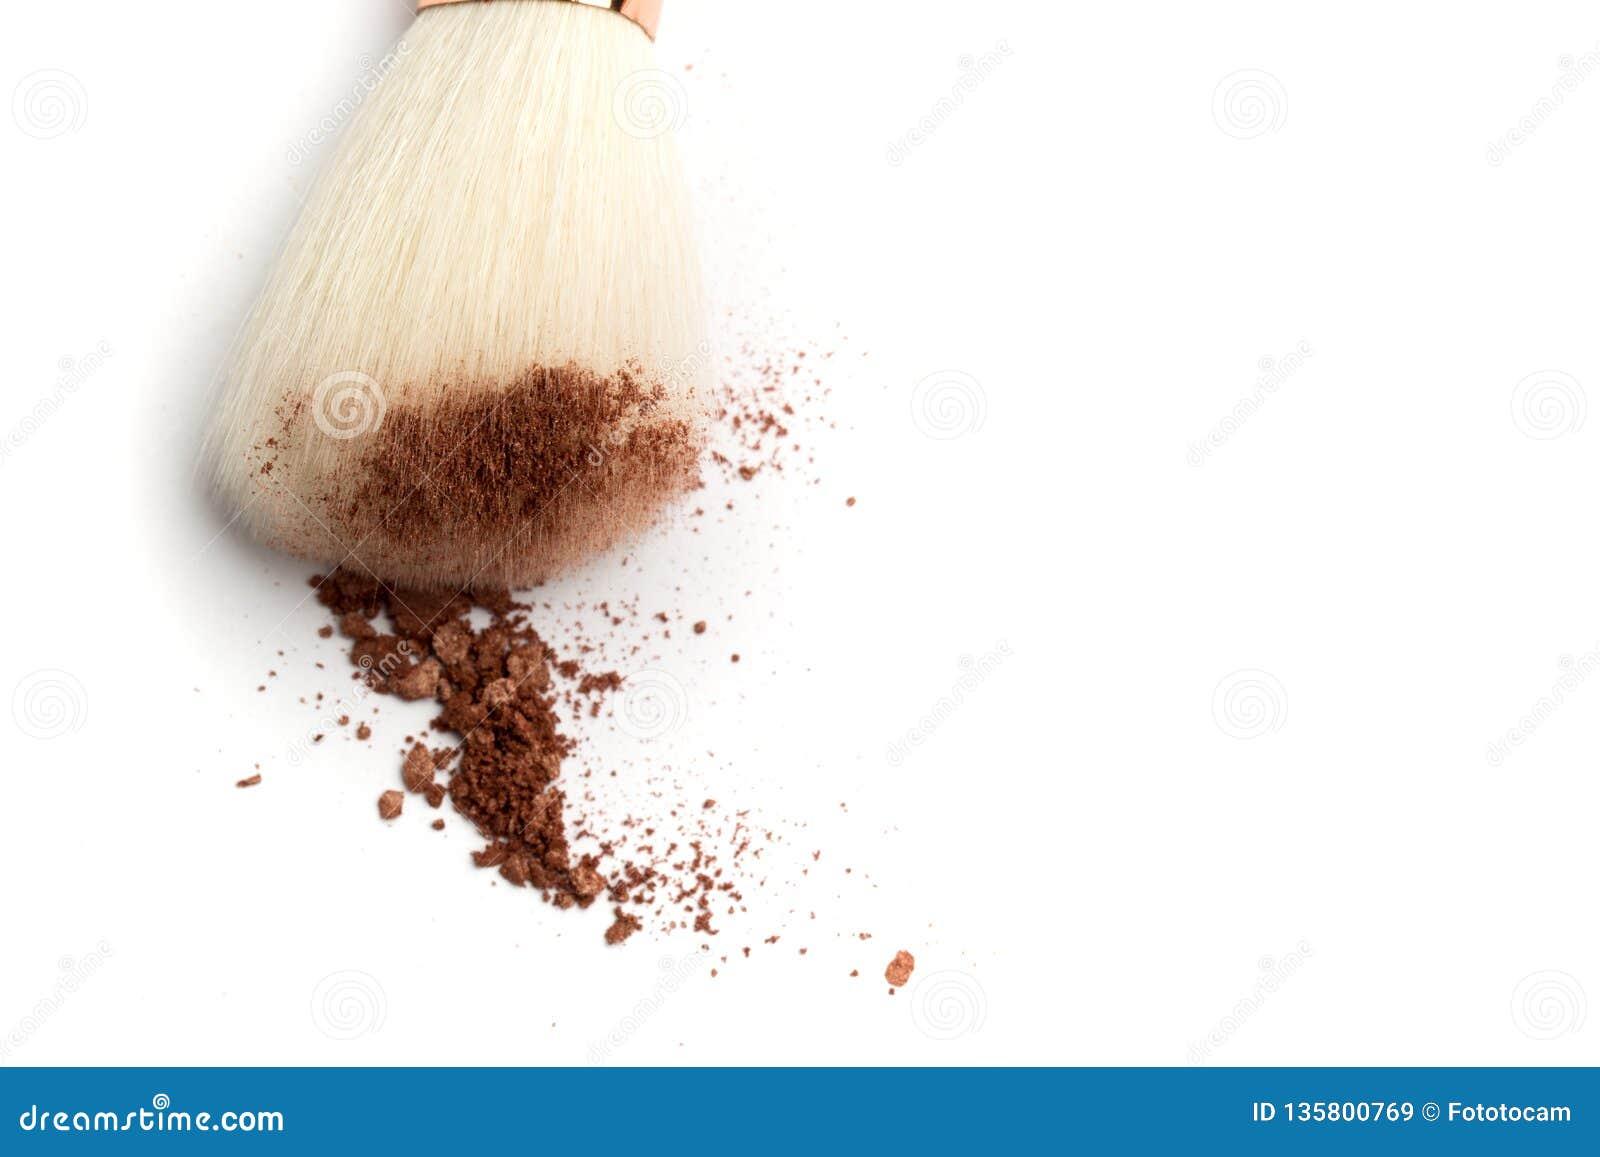 Zerschmetterter Gesichtspuder, Rouges, Lidschatten und Bürste auf weißem Hintergrund Neutrale Person farbige kosmetische Produkte